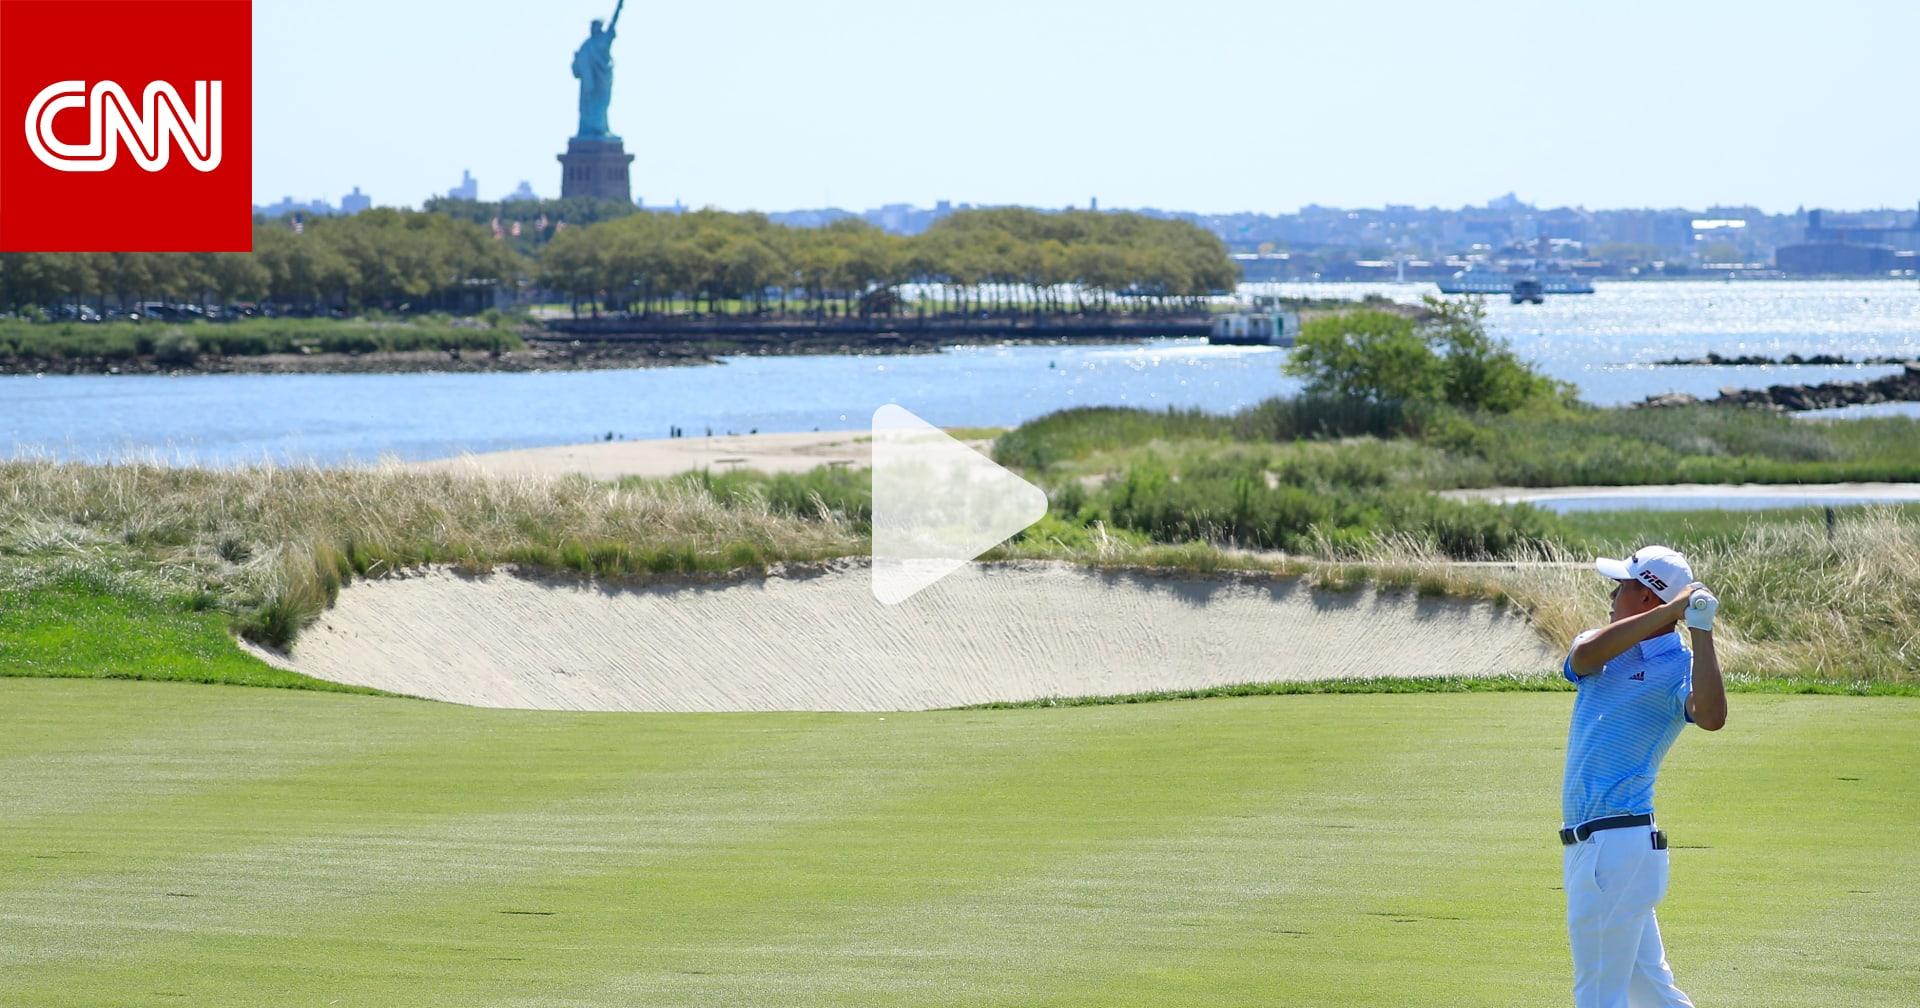 كيف تحول مستودع ذخائر للحرب العالمية إلى أحد أفضل ملاعب الغولف بالعالم؟